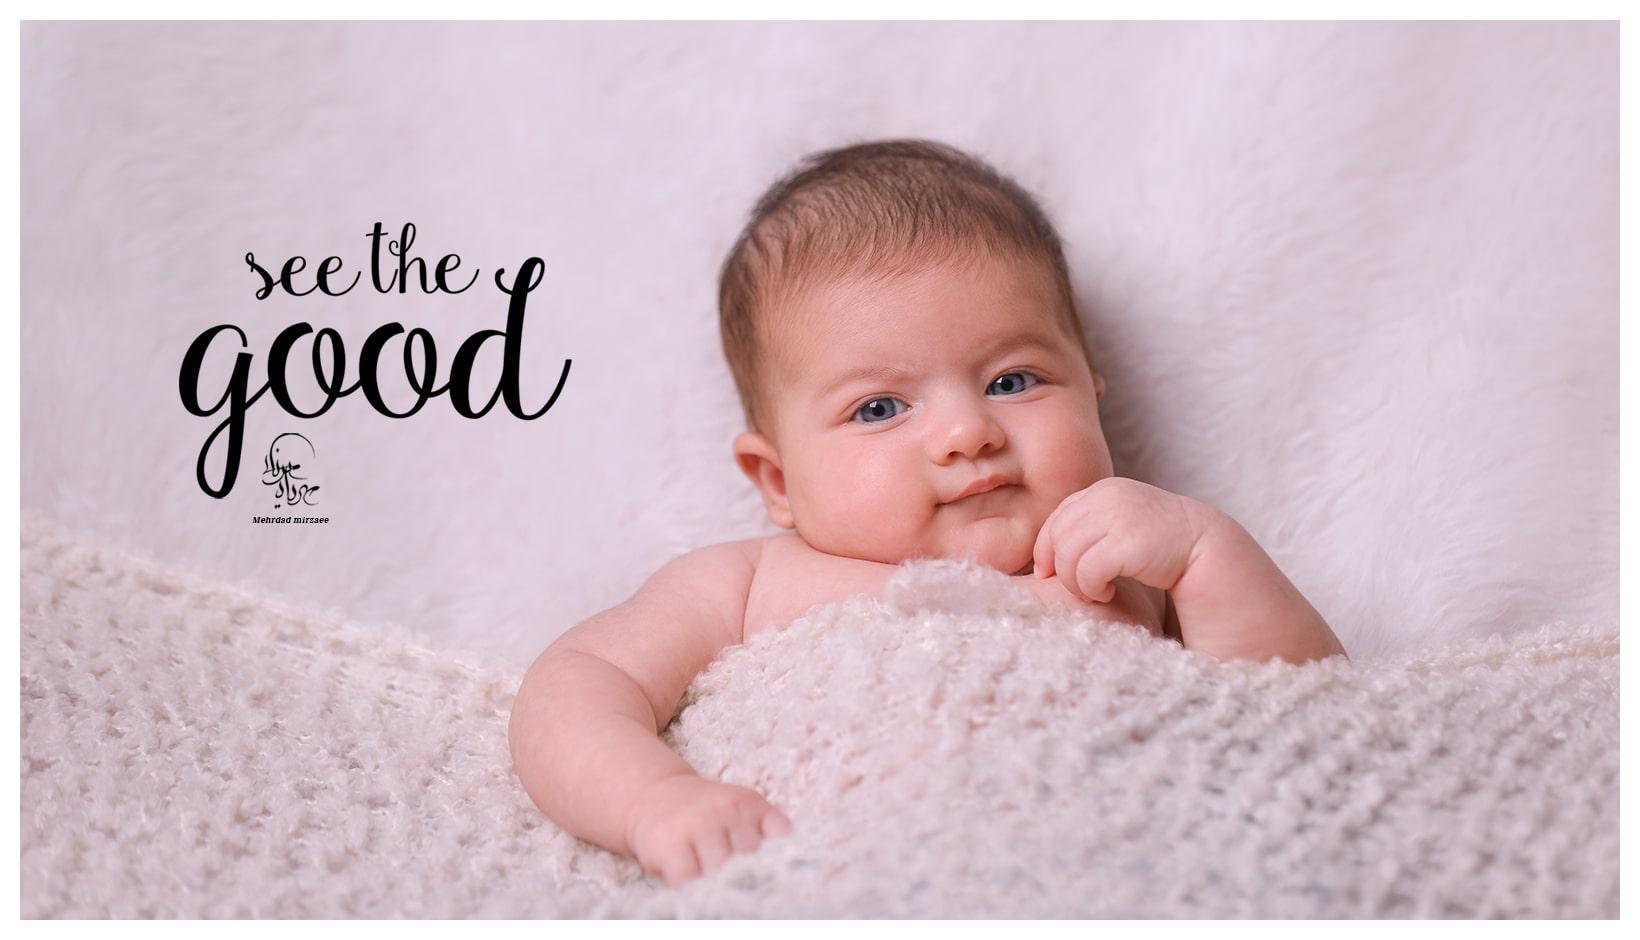 آتلیه کودک در کرج/ عکس کودک / آتلیه کودک /بهترین آتلیه کودک در کرج/ ایده عکس نوزاد با حوله/